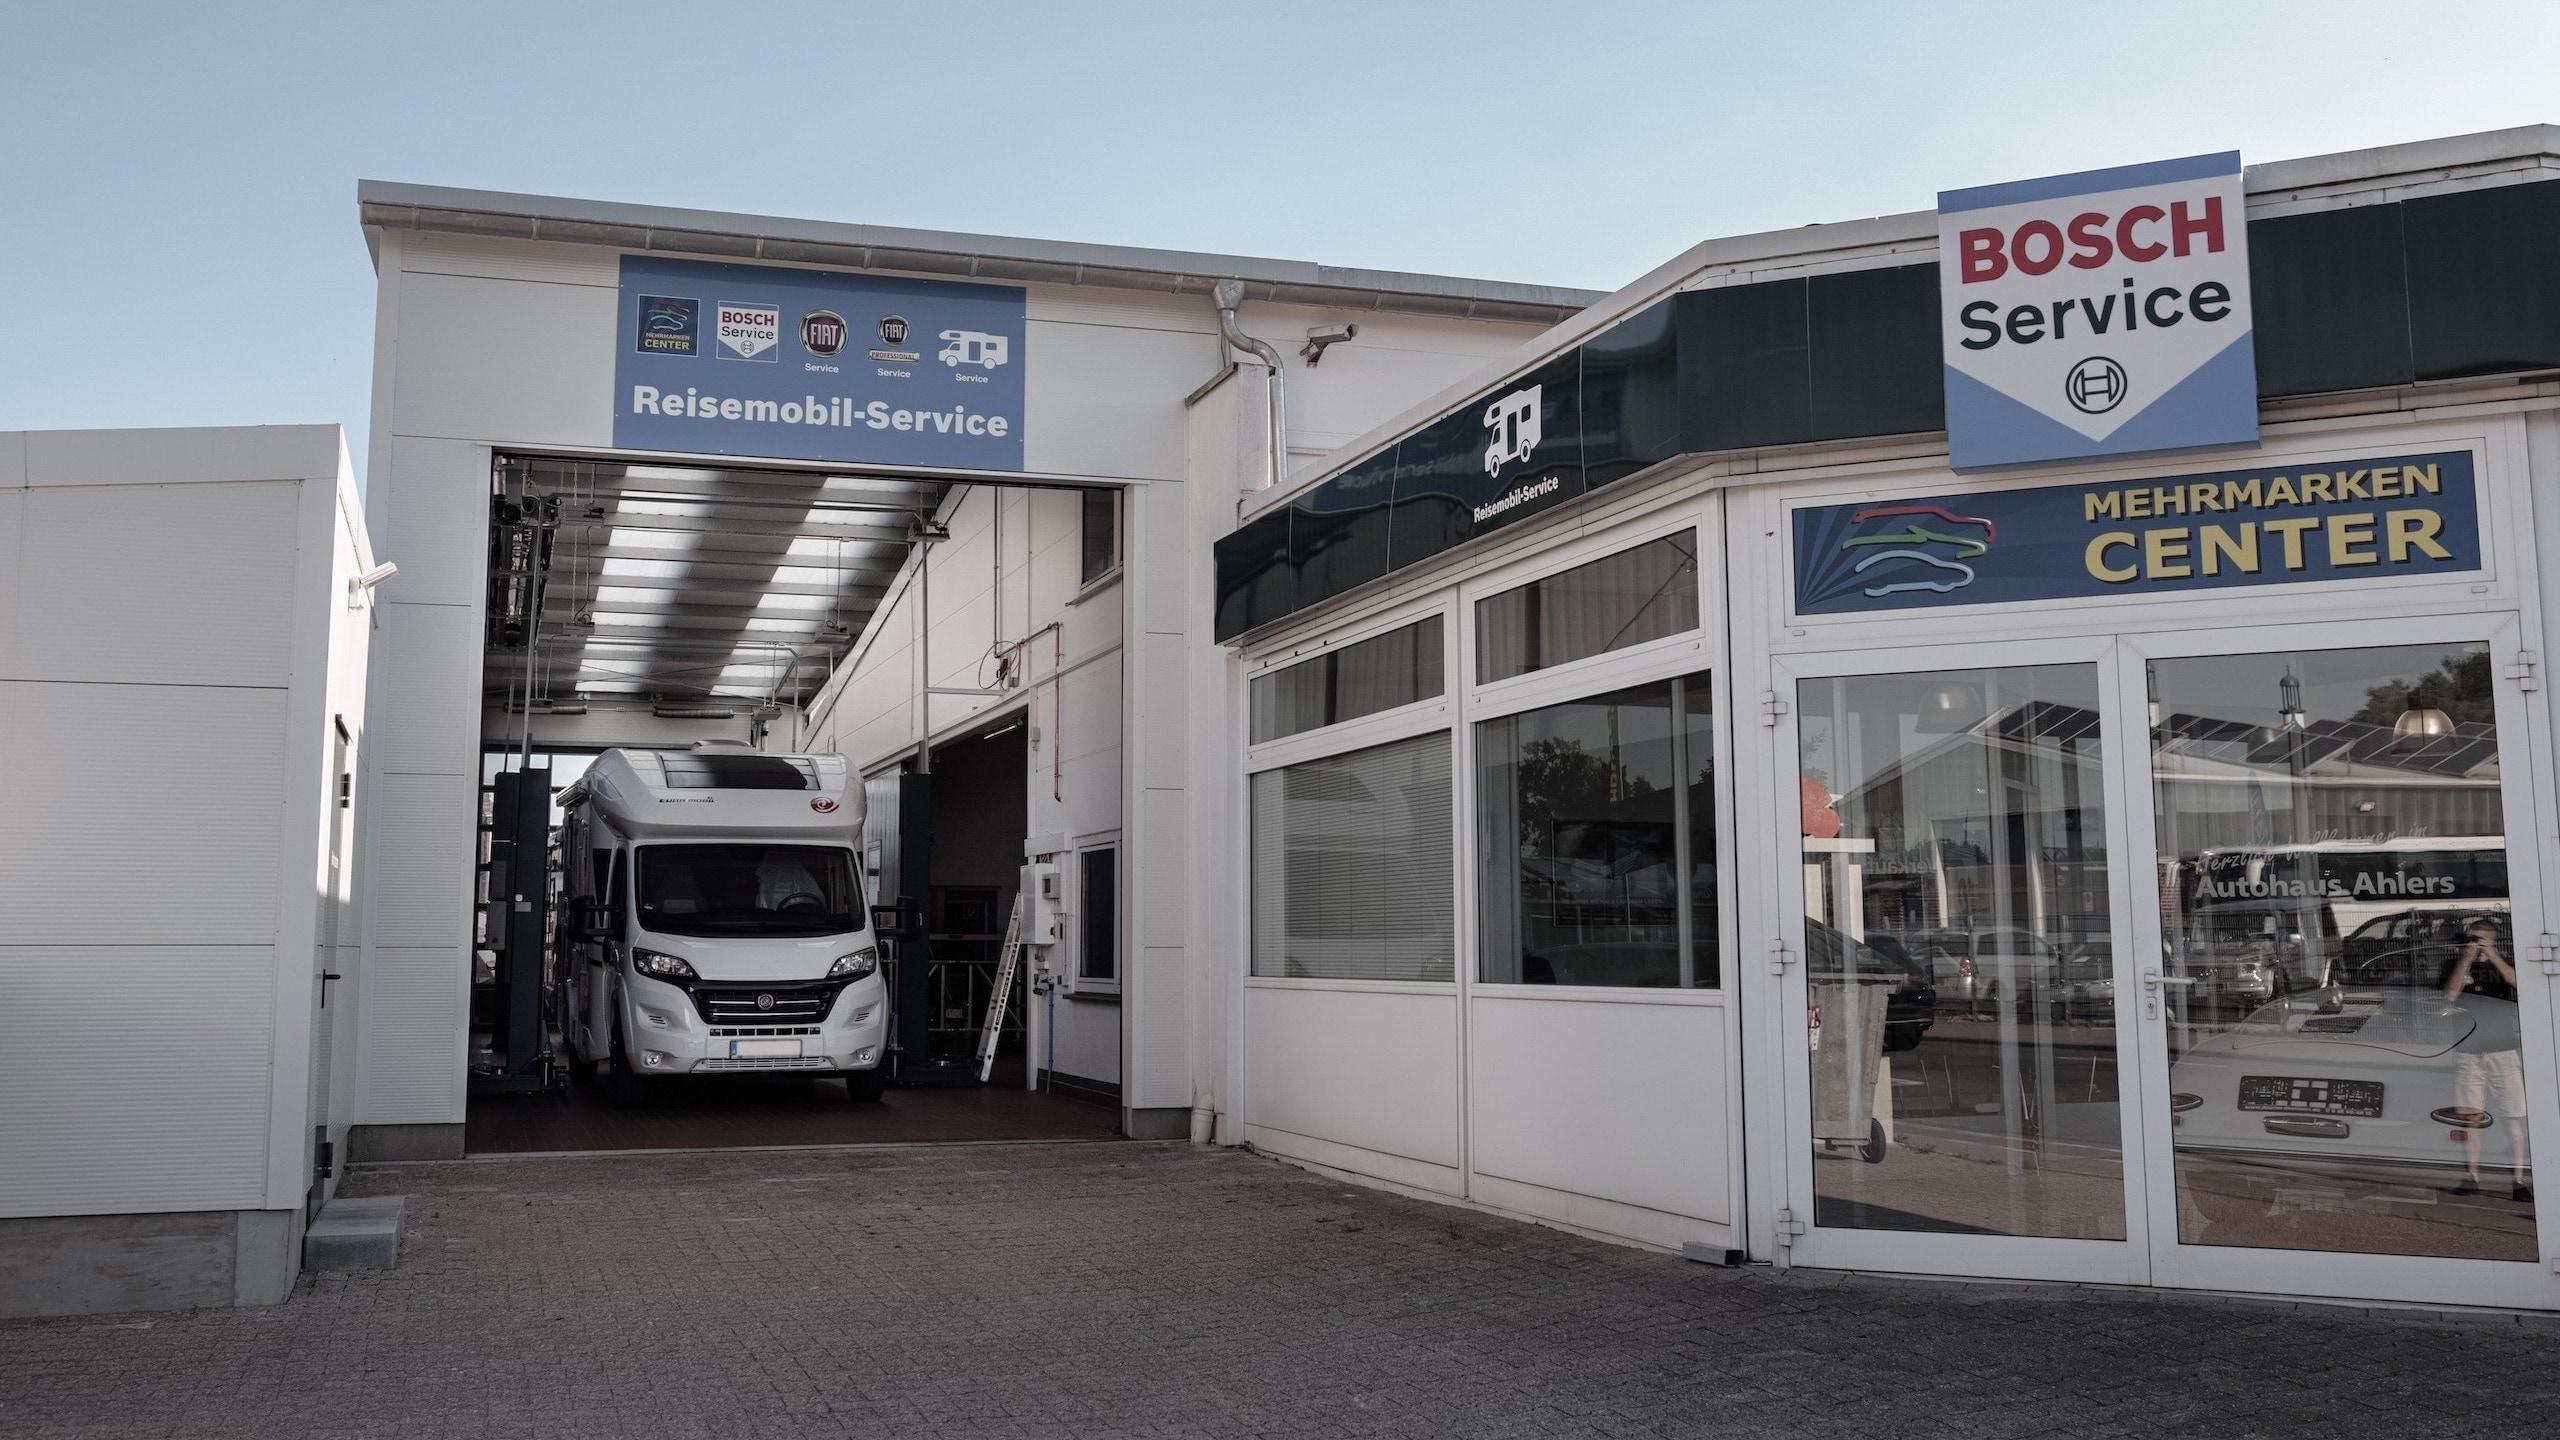 Autohaus Ahlers in Münster-Hiltrup – Wohnmobilservice & Zubehör – Fahrzeuge & Meisterwerkstatt – 7